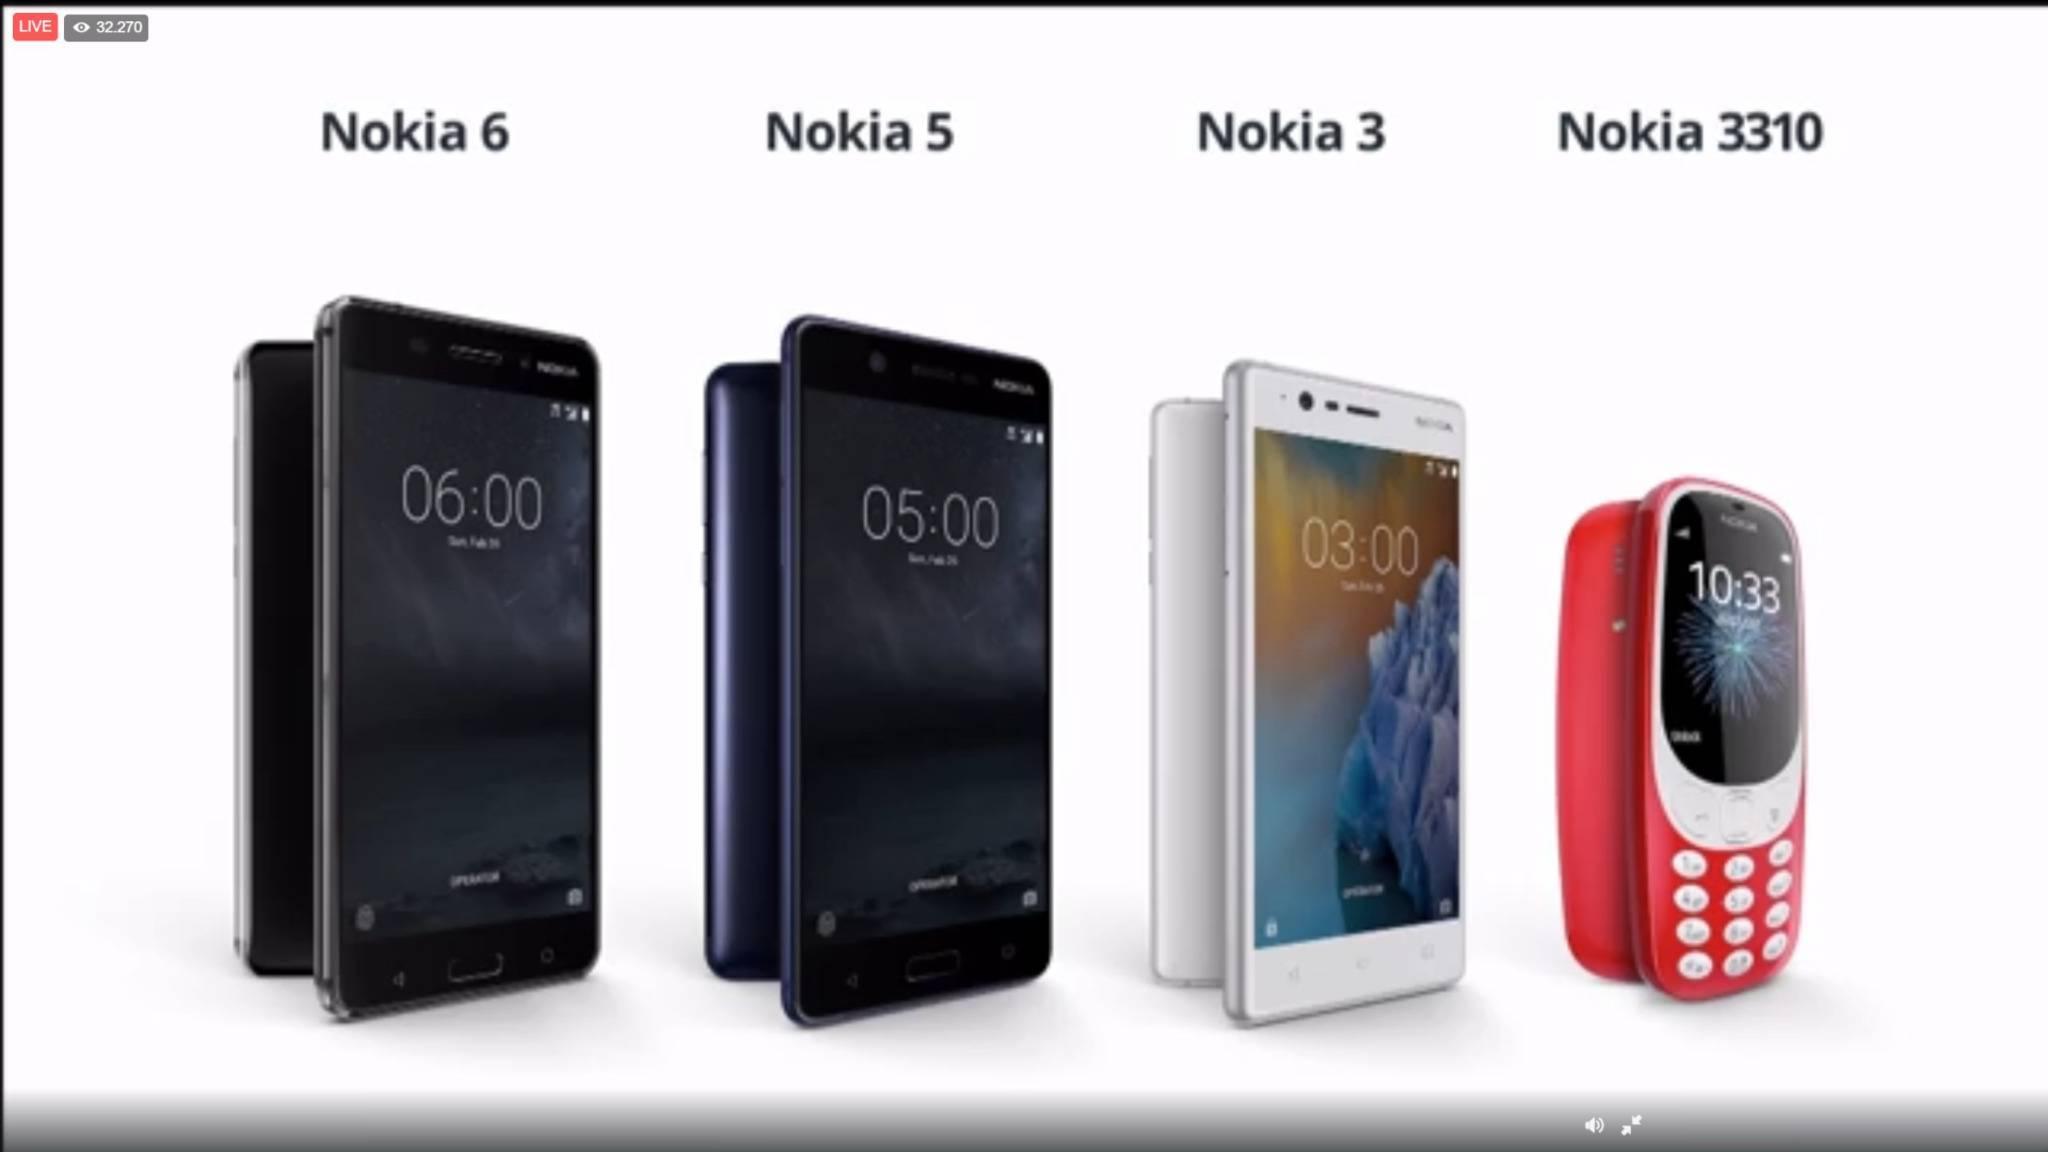 Das sind sie: Die neuen Nokia-Smartphones und die Neuauflage des Nokia 3310.